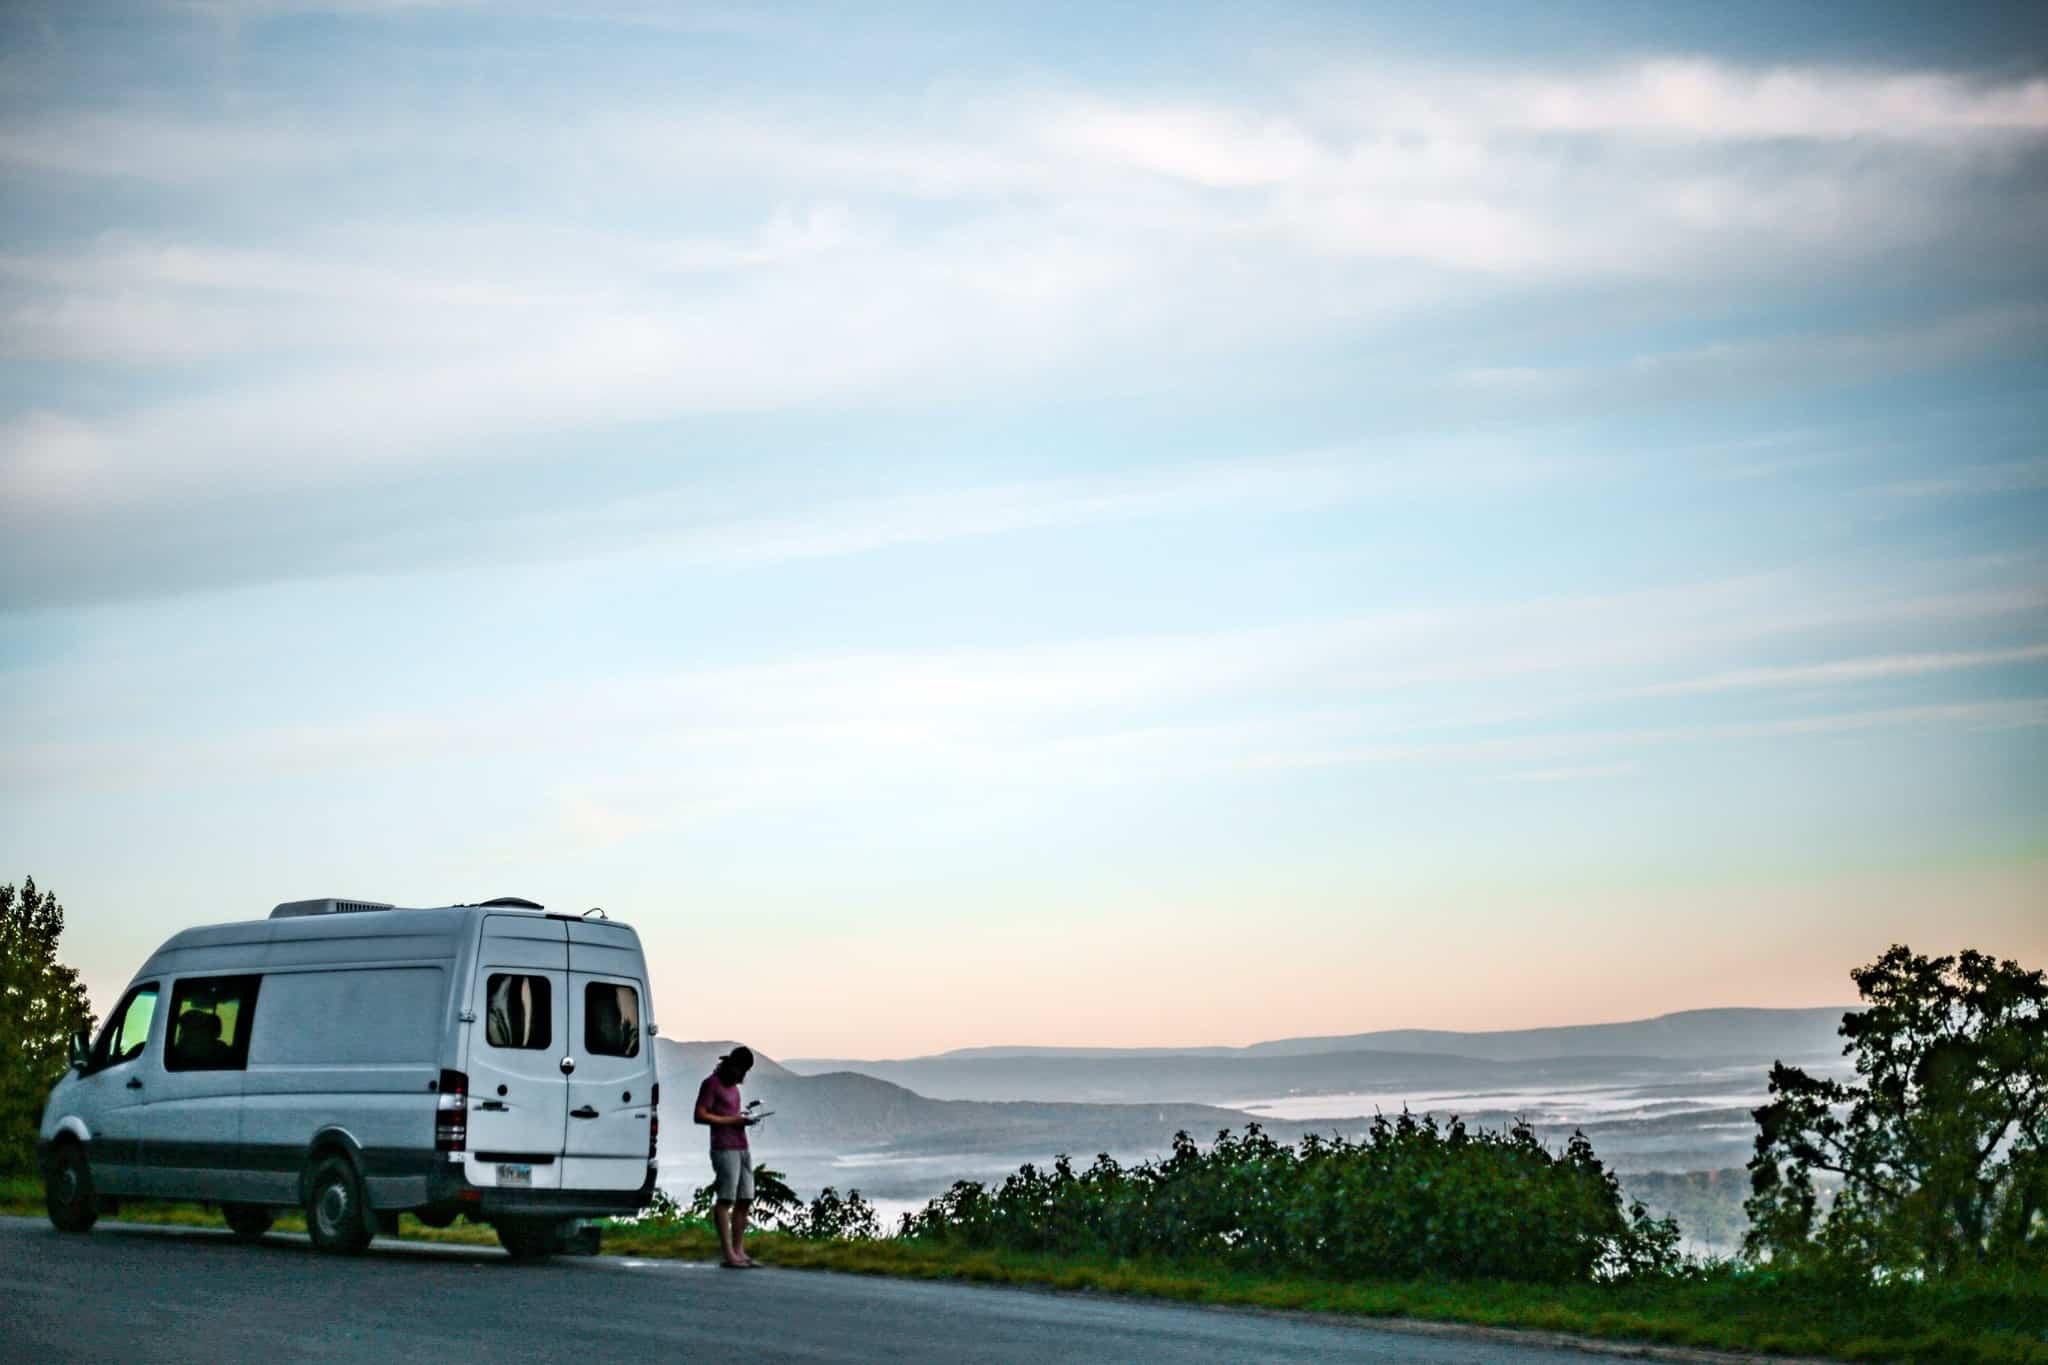 Ashlee Rowland's van by the ocean